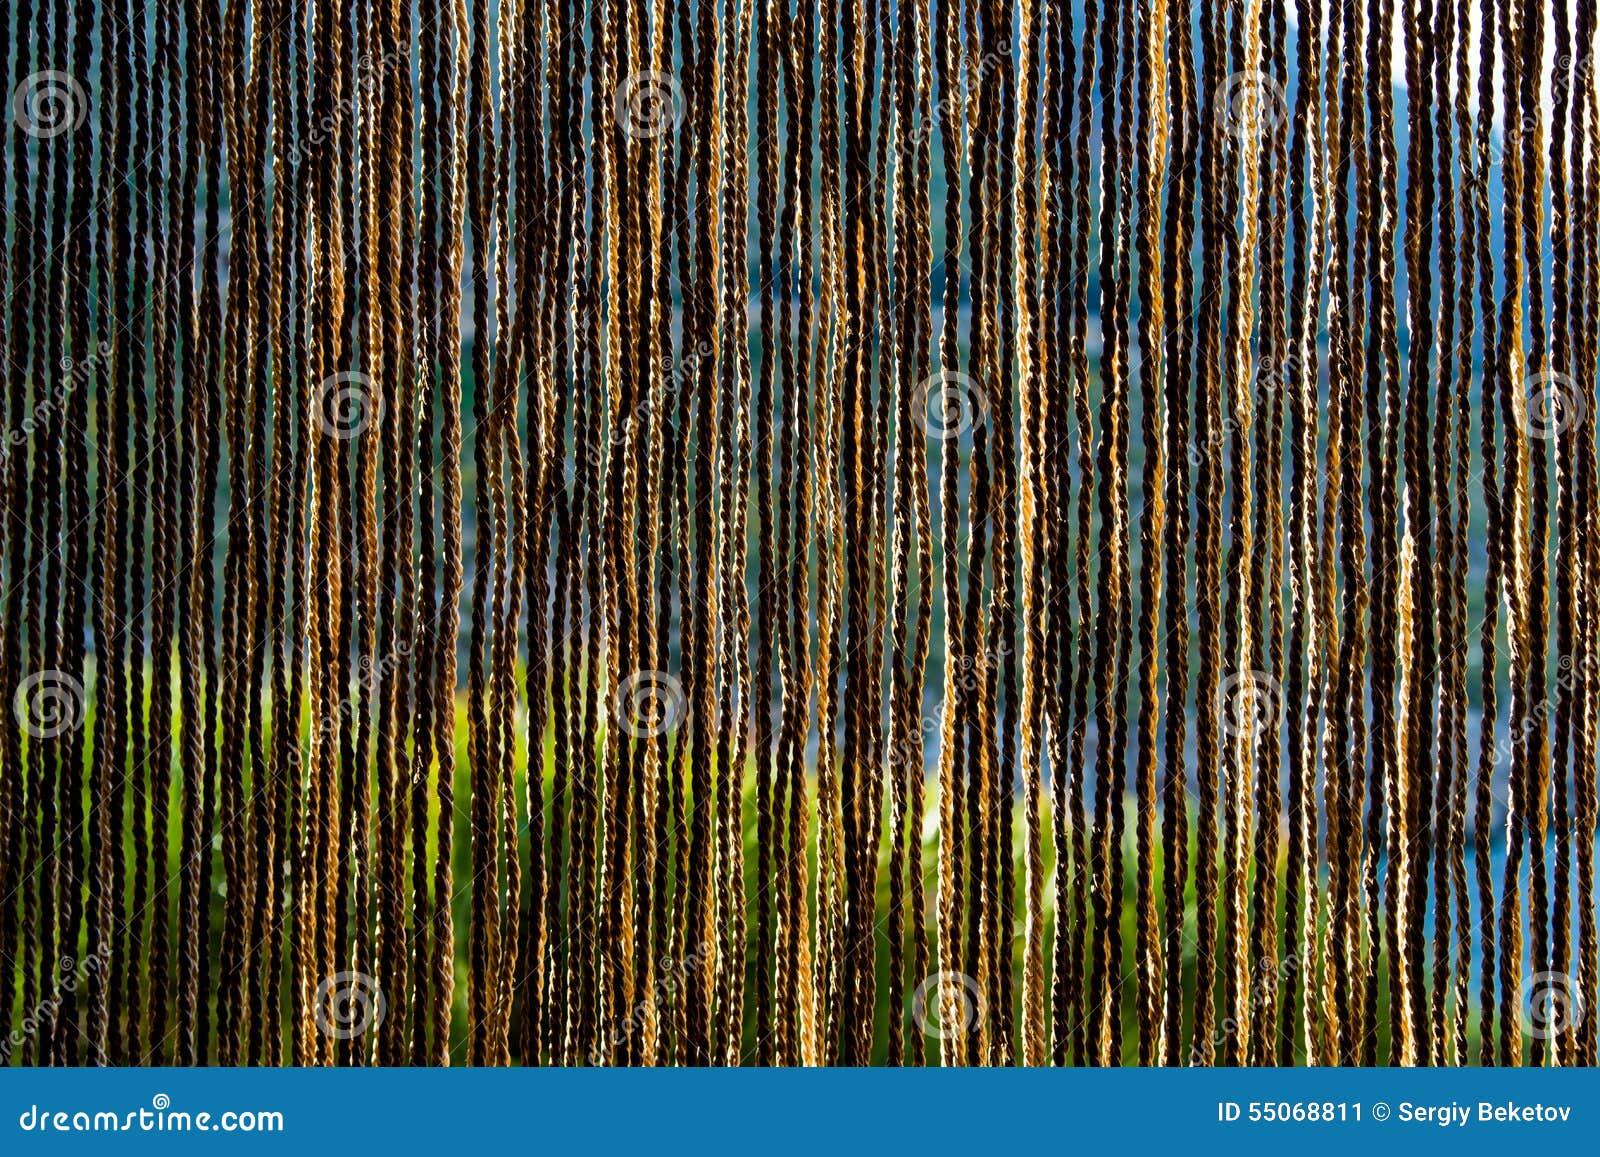 tende fatte di paglia naturale fotografia stock - immagine: 55068811